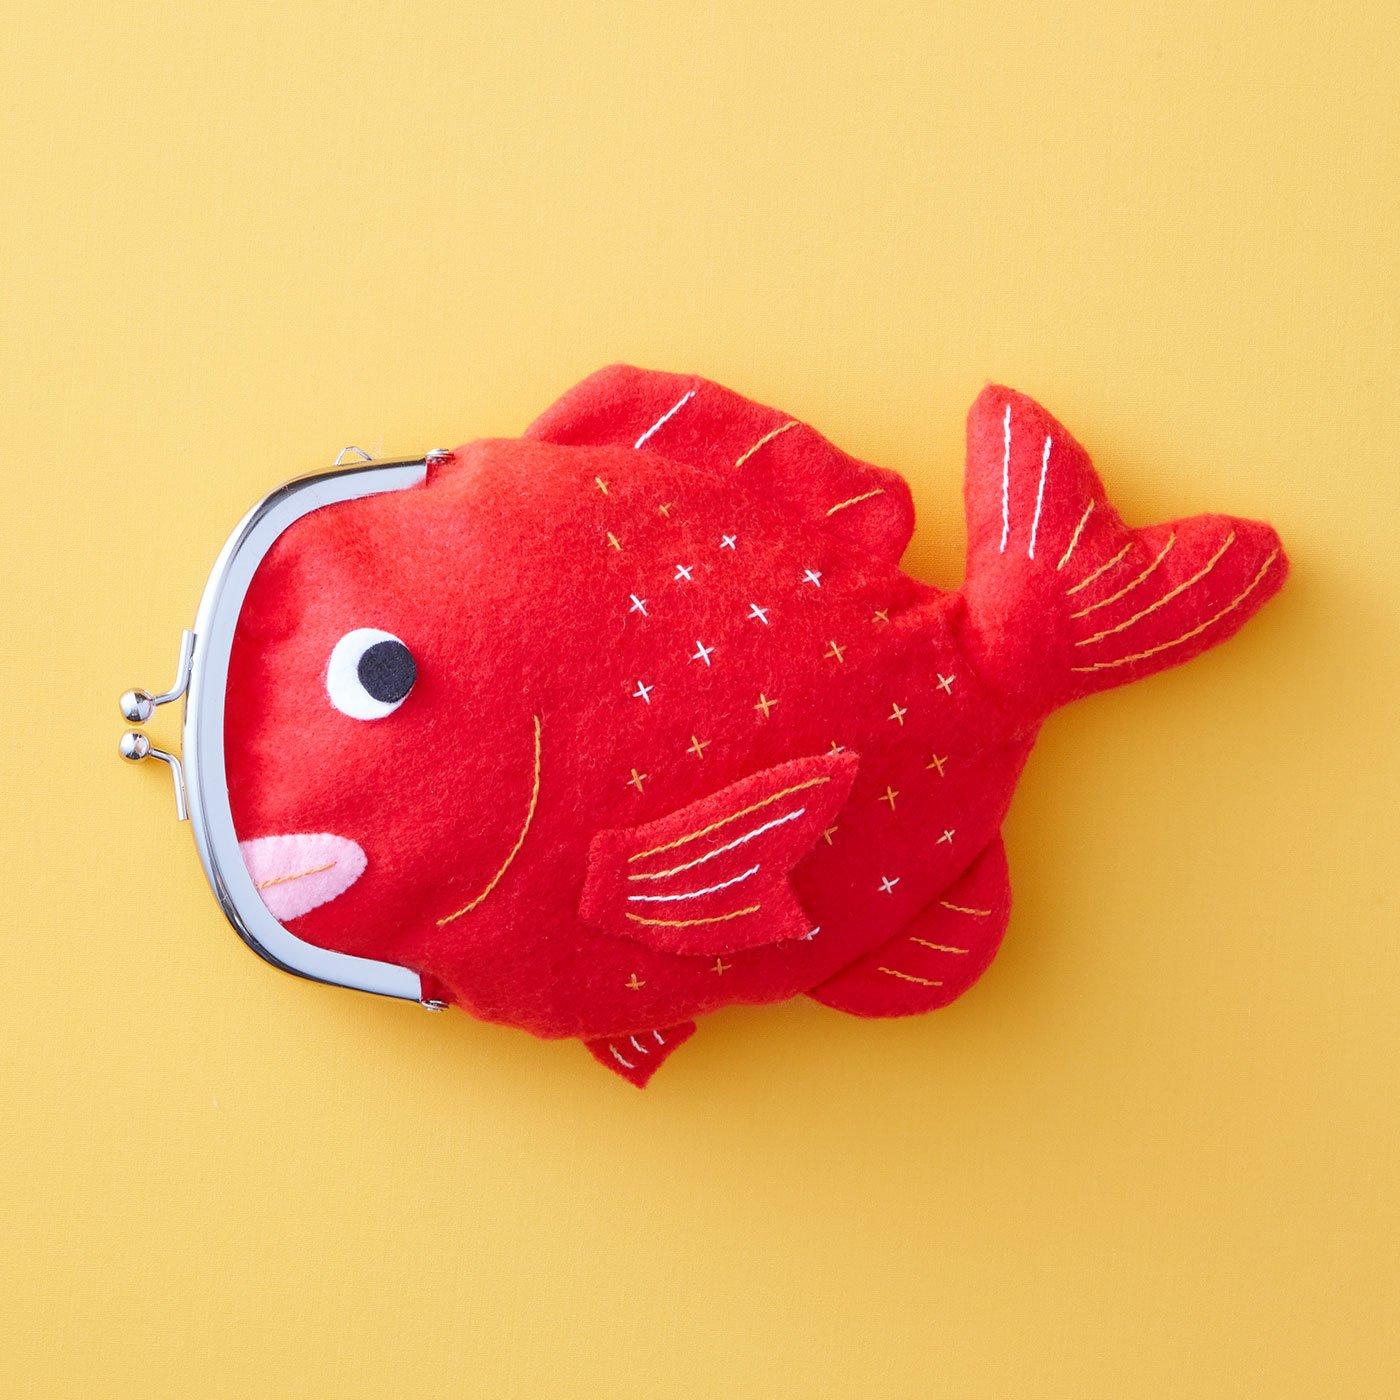 真っ赤な鯛が福を呼ぶ!? めで「タイ」がまぐち